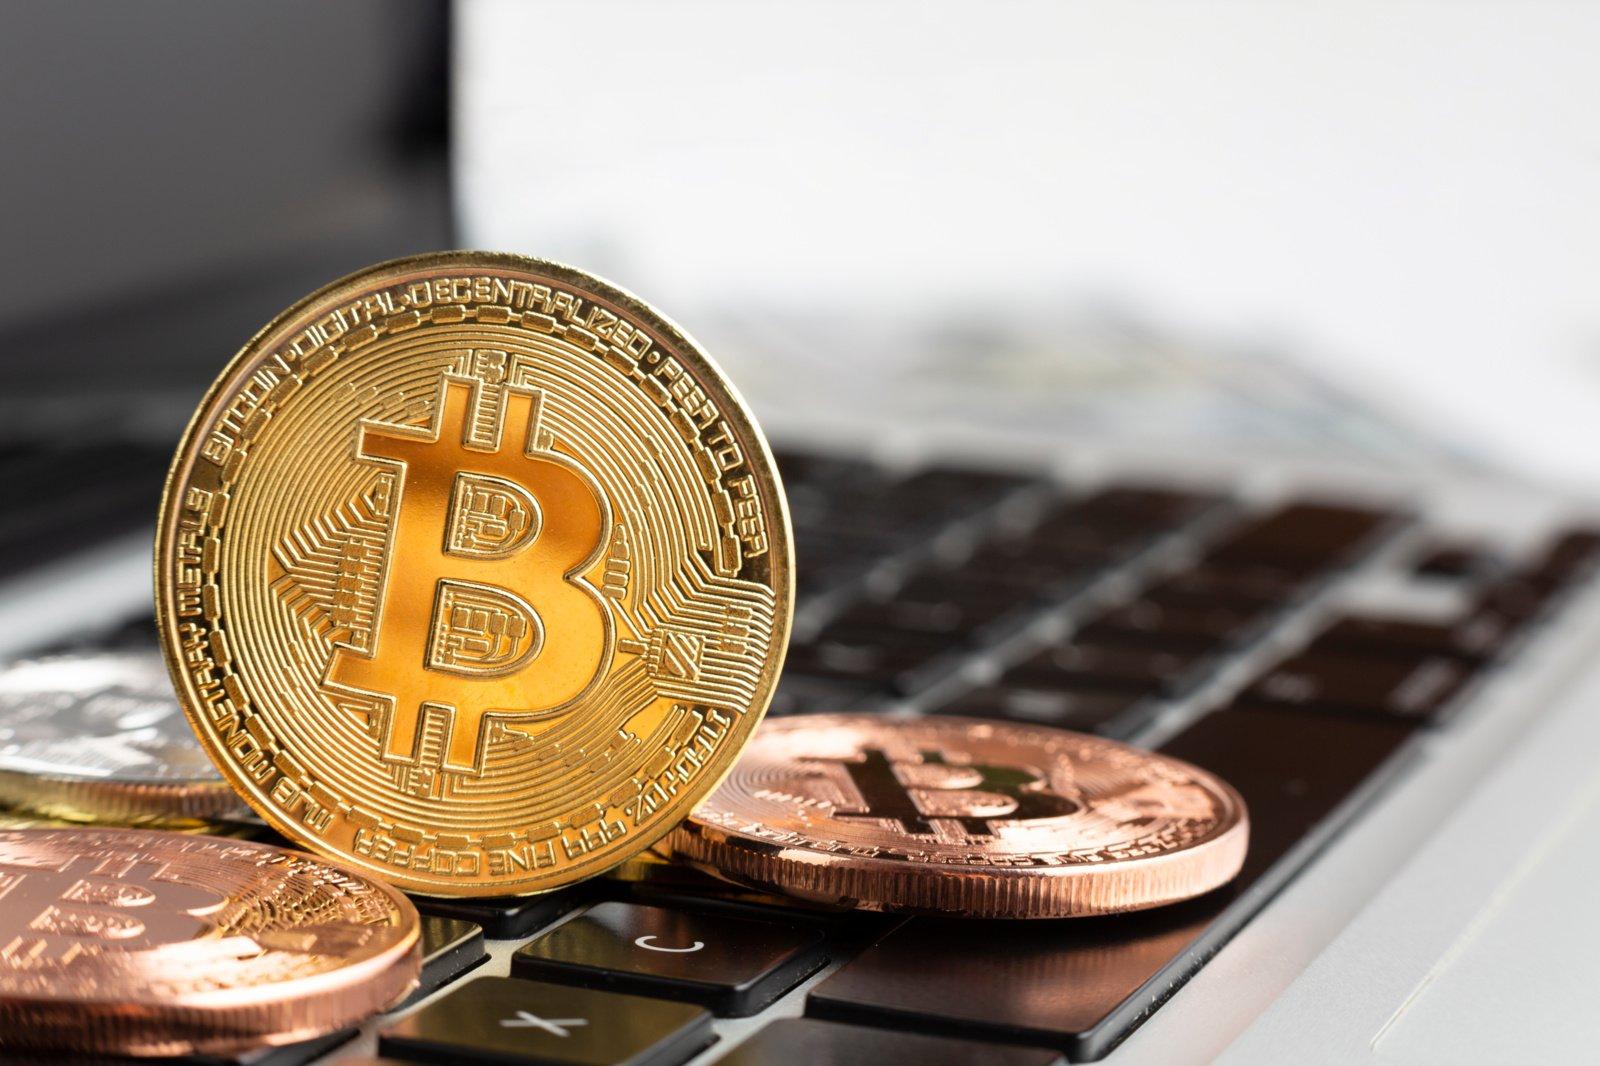 Į kriptovaliutas investuoti bandžiusi moteris prarado milžinišką pinigų sumą